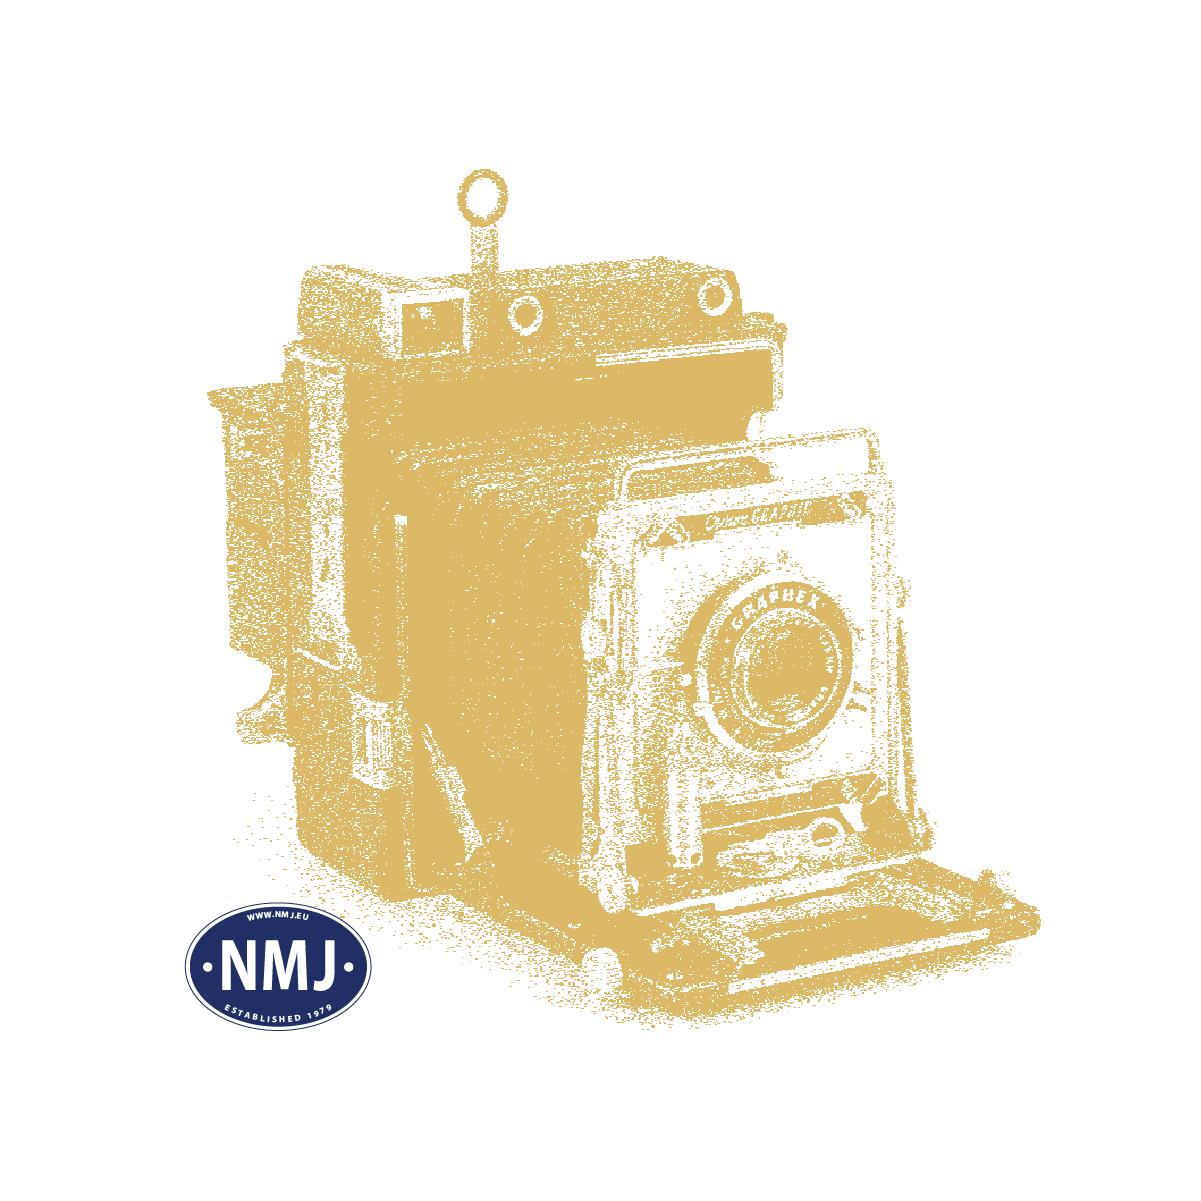 NMJT109.201 - NMJ Topline NSB BF12 21532, Intermediate red/silver design